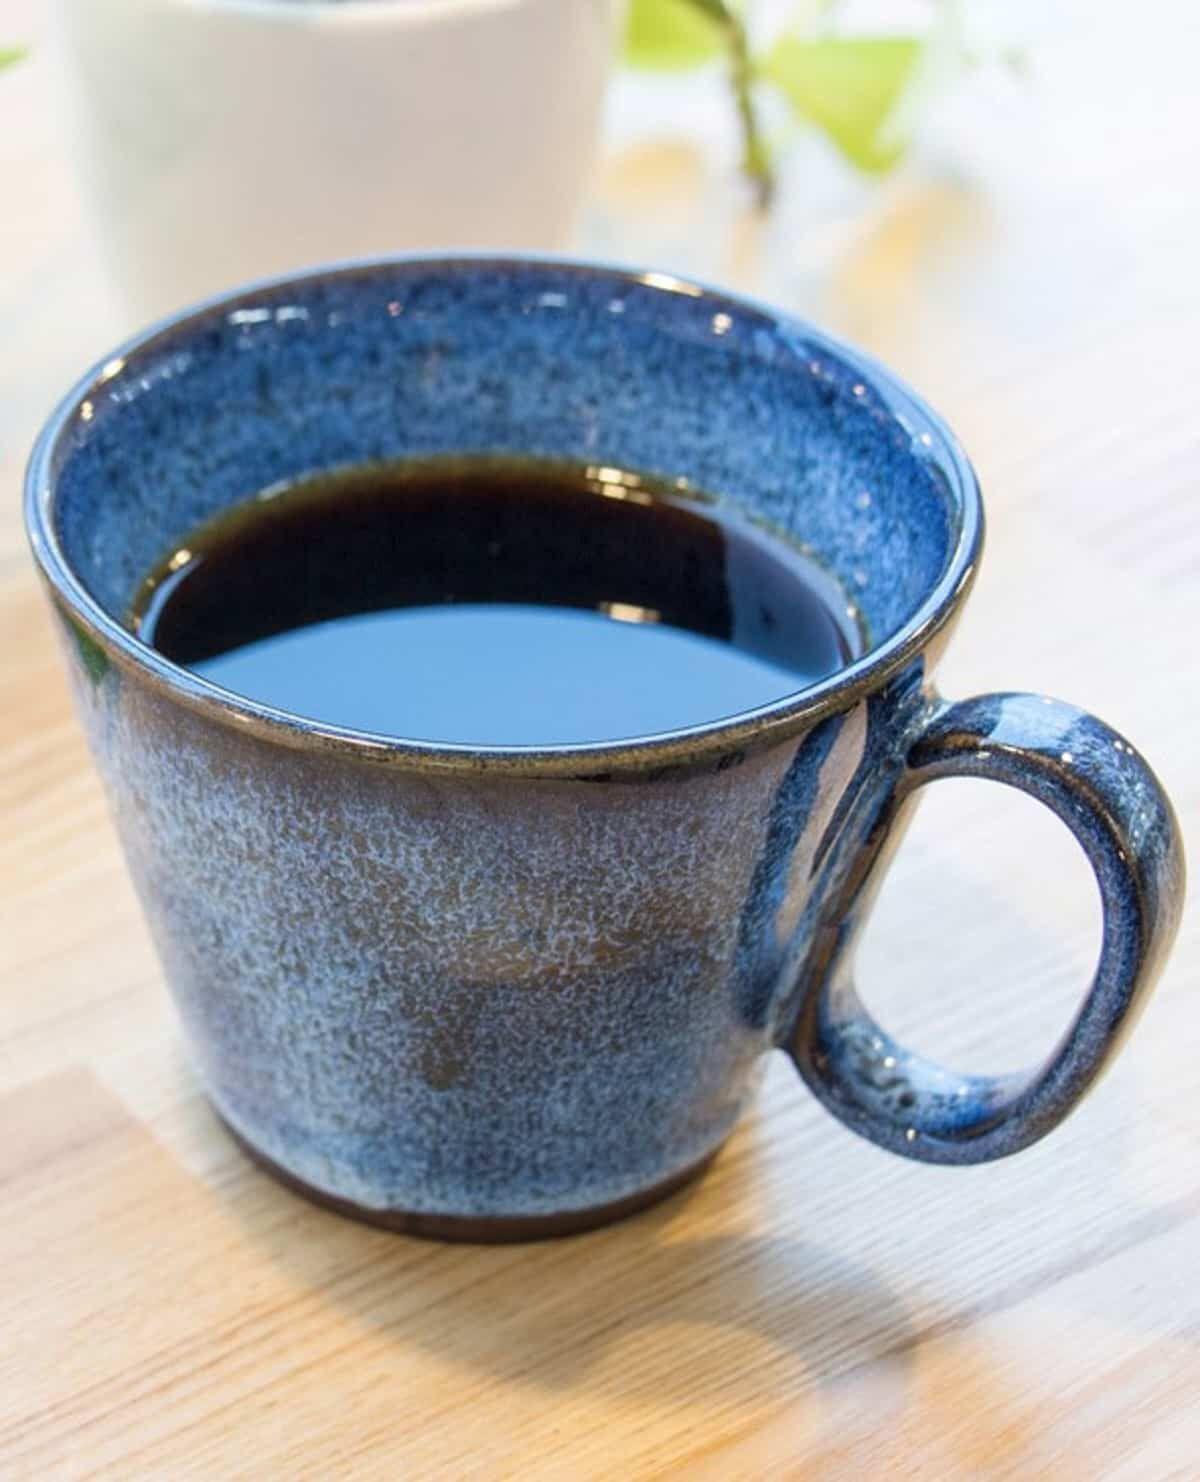 生涯を添い遂げるマグ 新庄東山焼 レギュラー ブルー